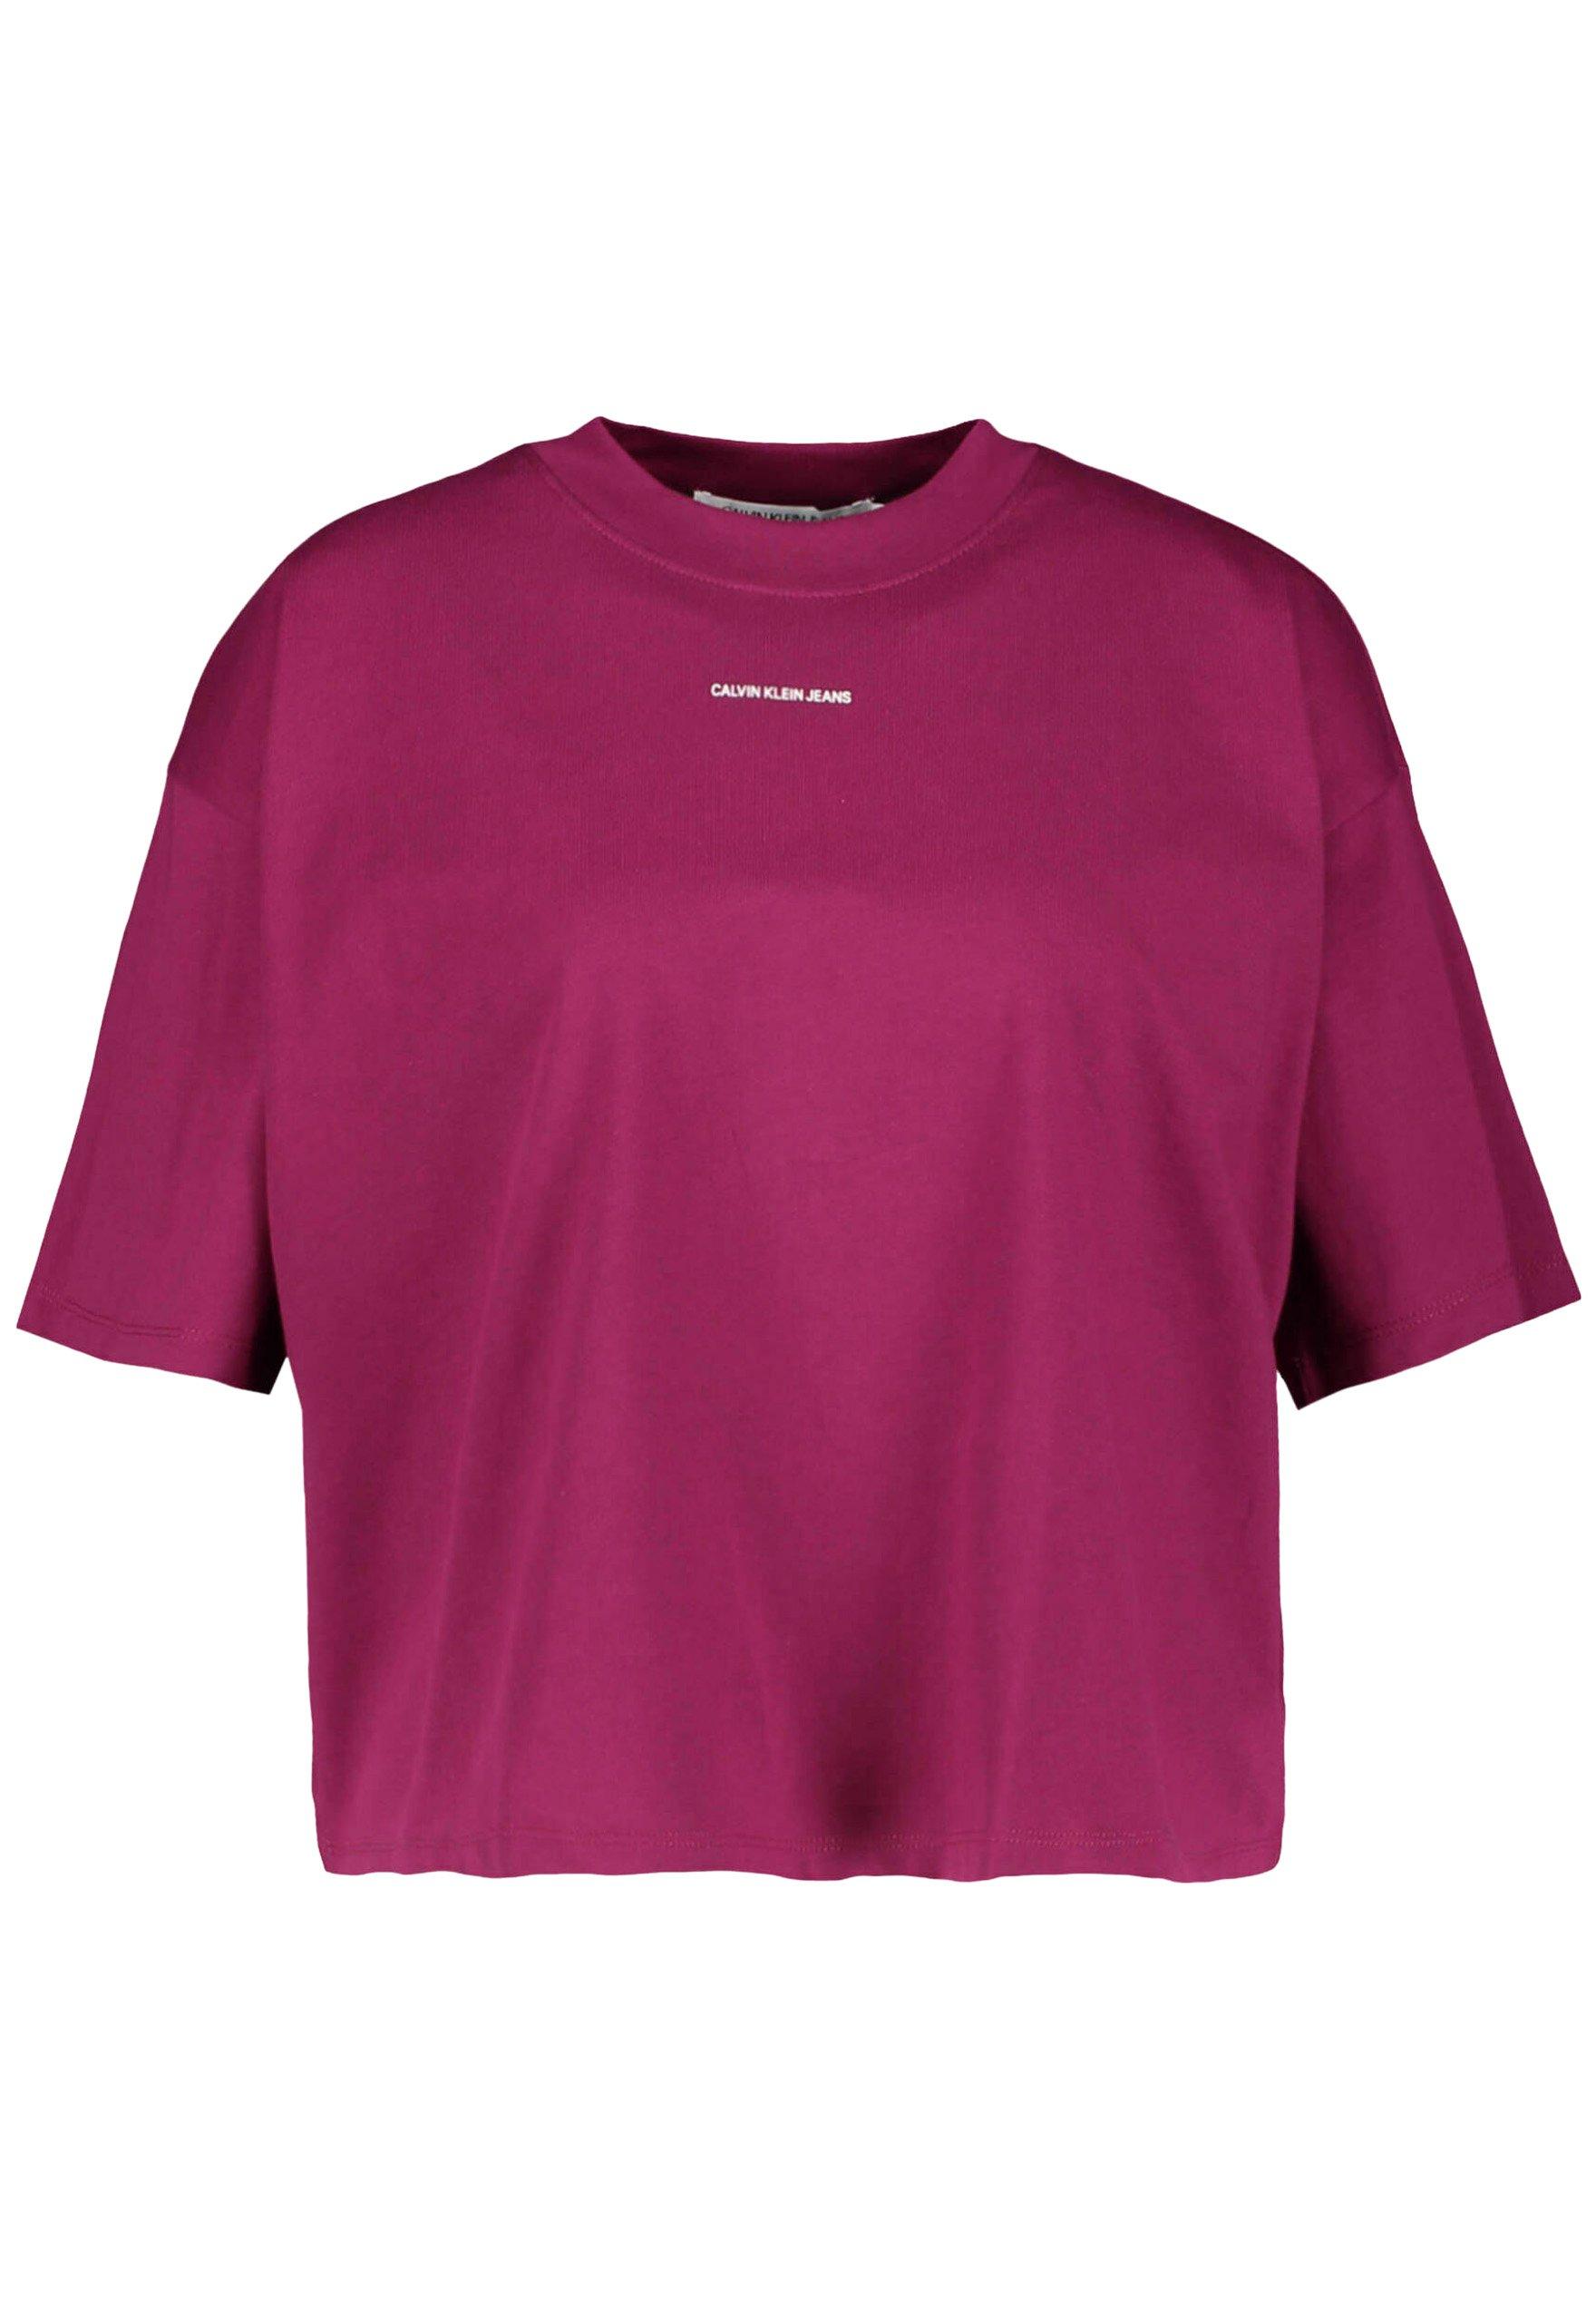 Damen MICRO BRANDING LOOSE - T-Shirt basic - rot